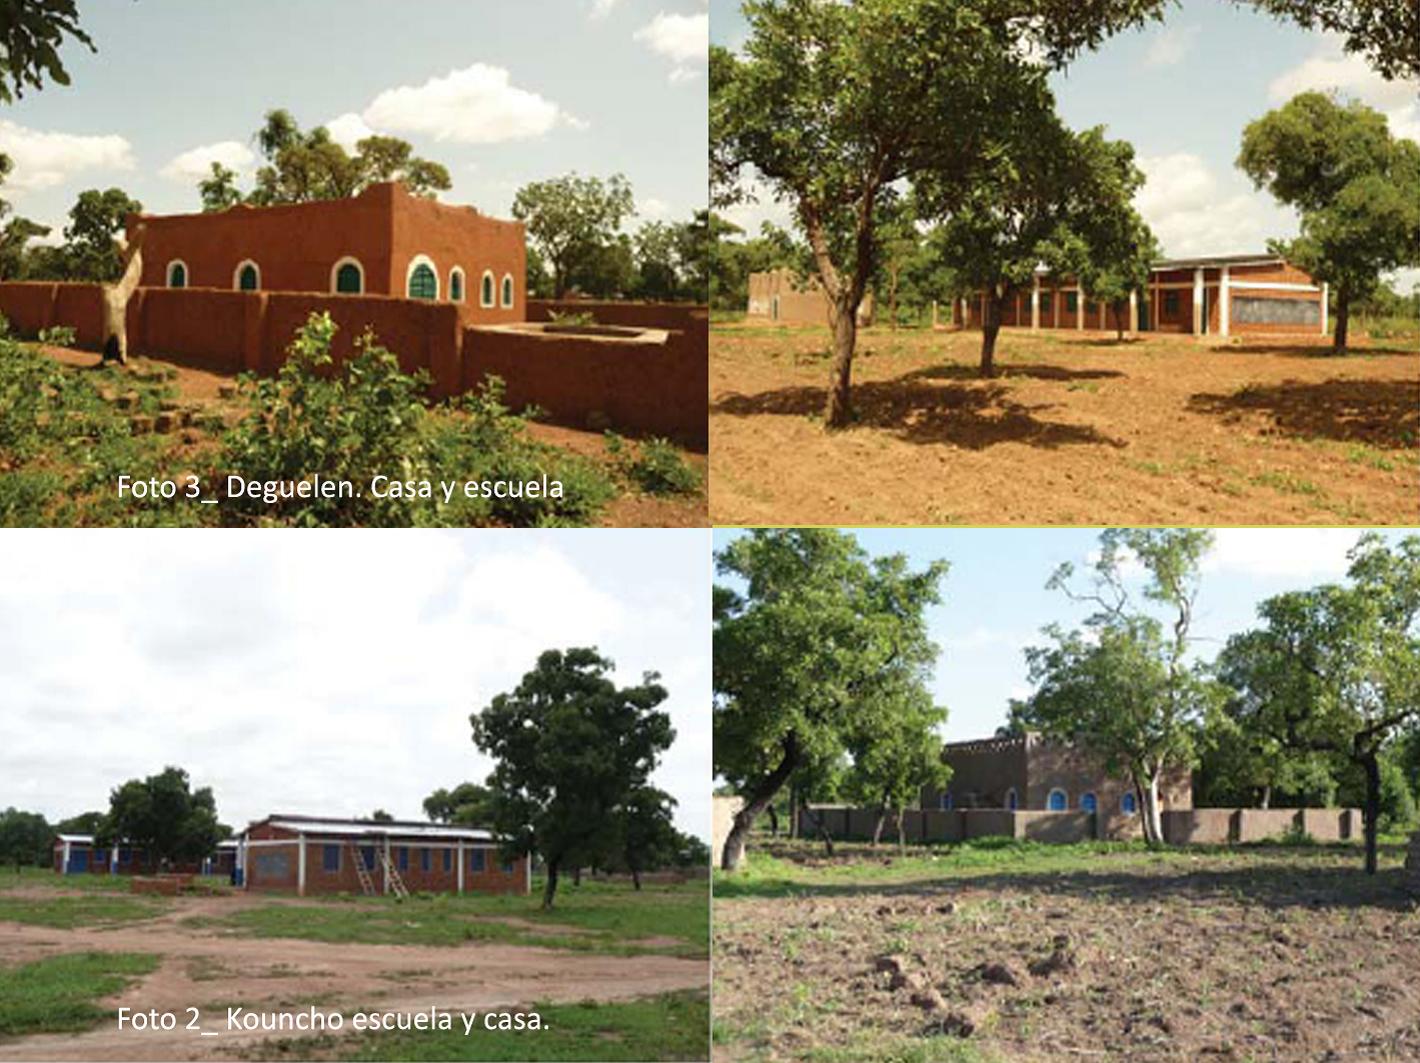 Millora Xarxa Educativa A Karangasso-Vigue 2